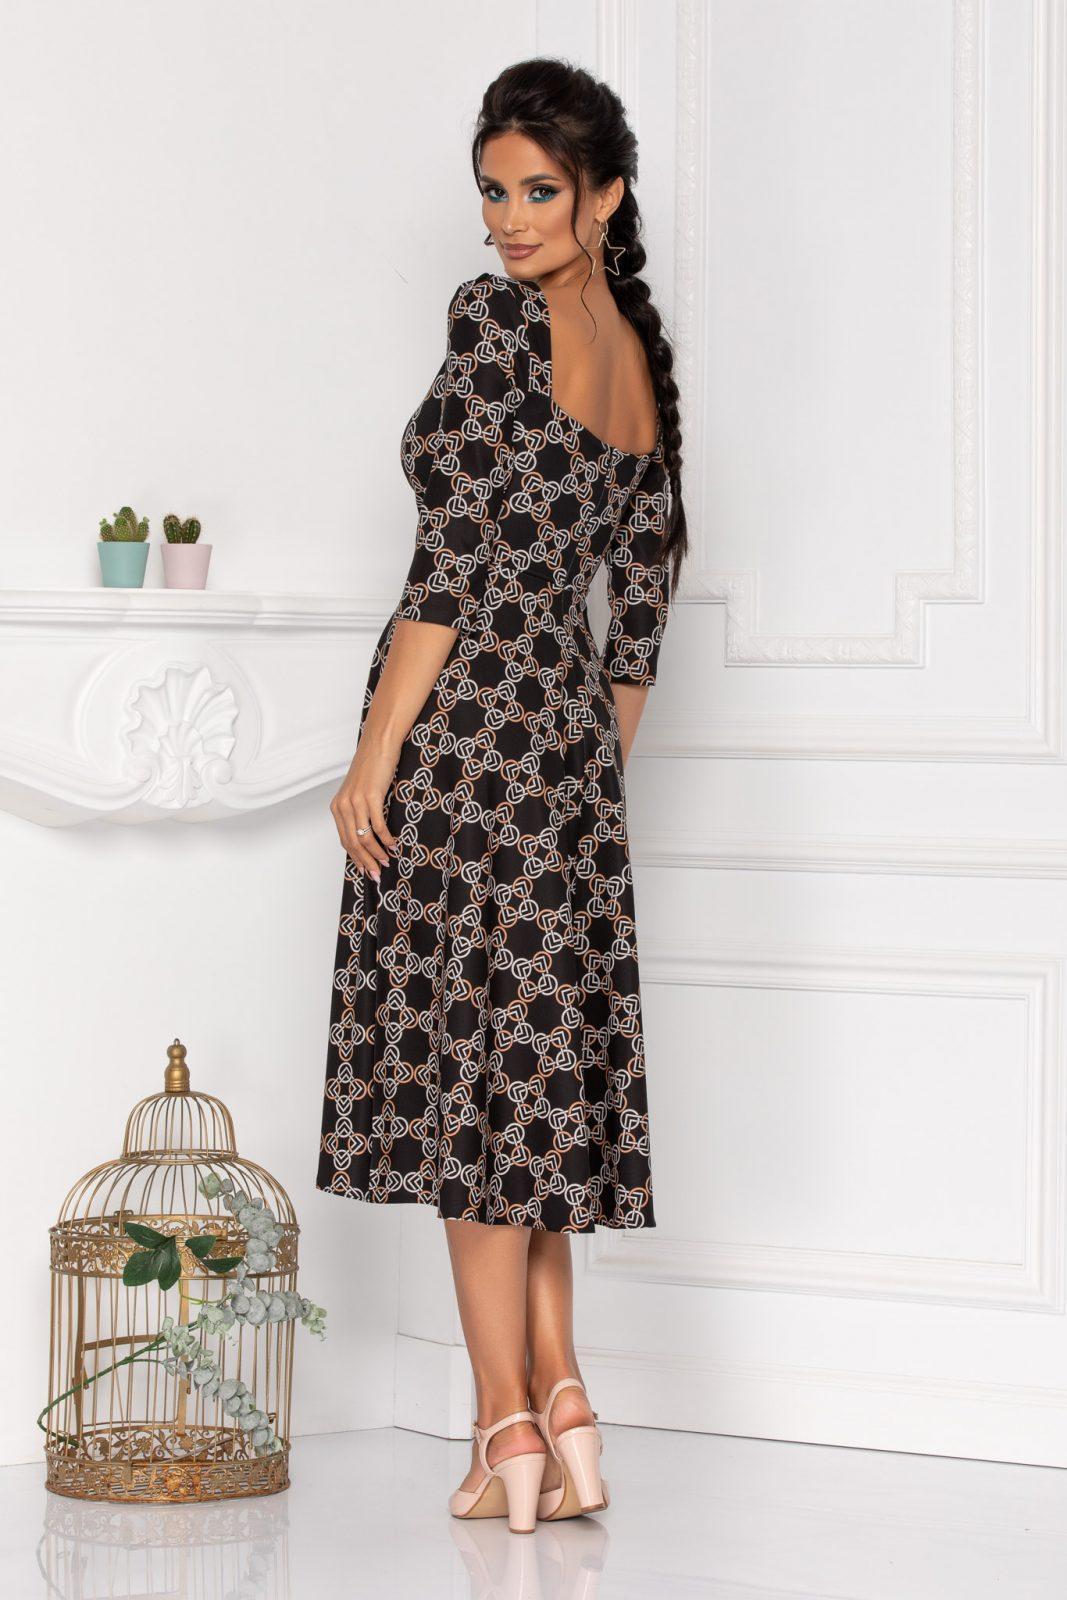 Μαυρο Φόρεμα Με 3/4 Μανίκι Hariett 8447 1